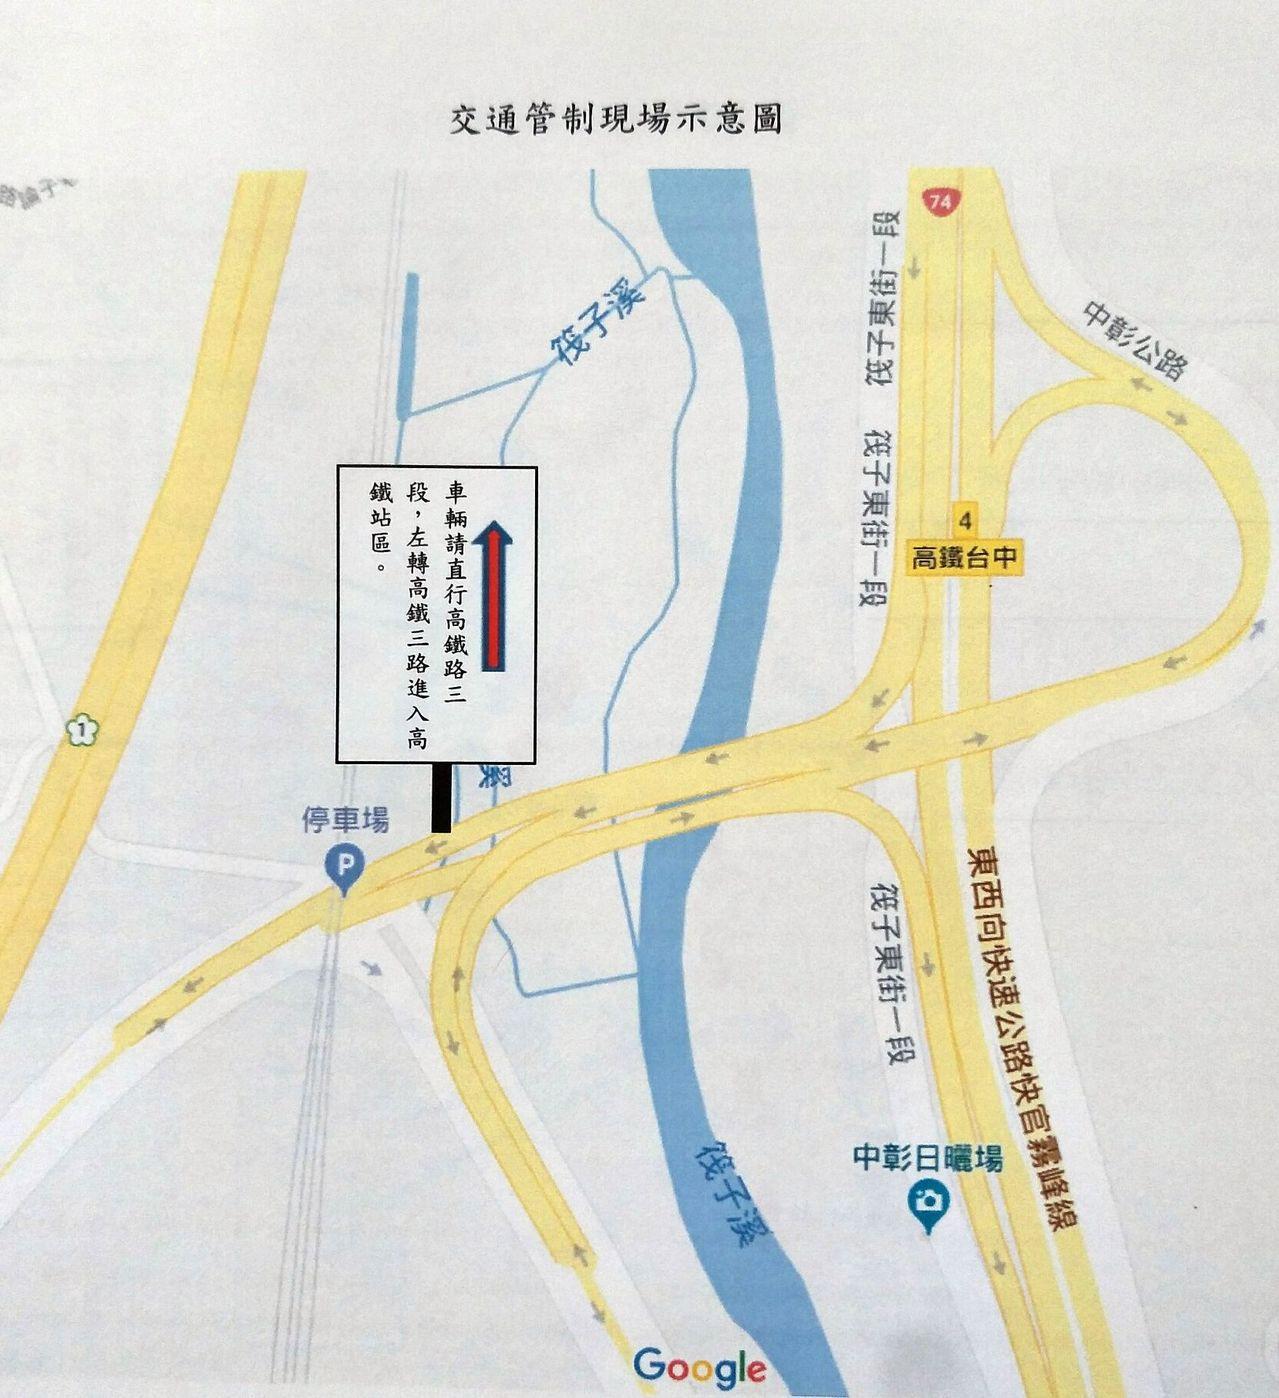 元旦4天連假,高鐵台中站周邊道路實施交通管制。圖/台中市警局烏日分局提供